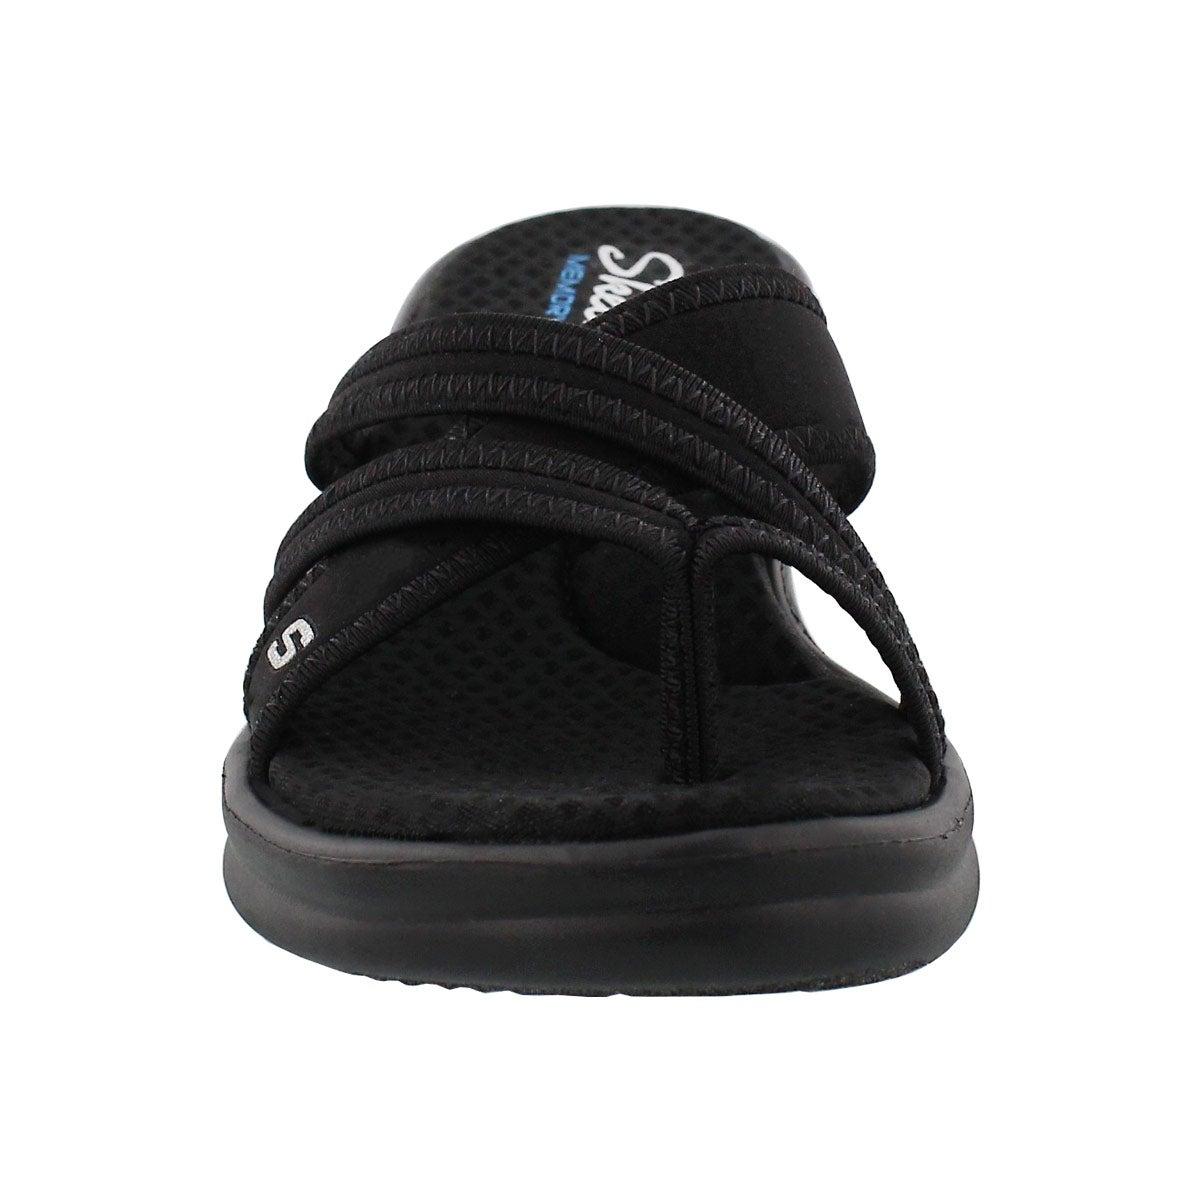 Lds Rumblers blk toe loop wedge sandal